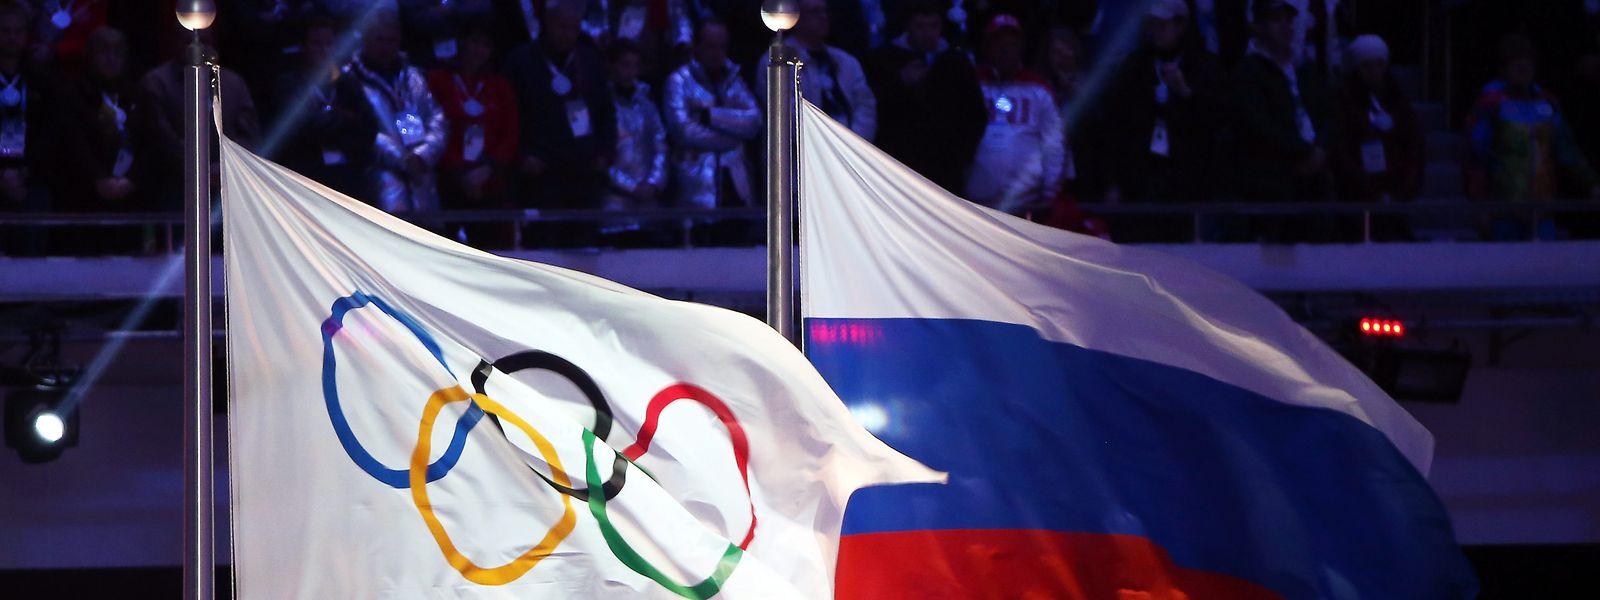 Russland darf in den kommenden beiden Jahren nicht an Olympia teilnehmen.